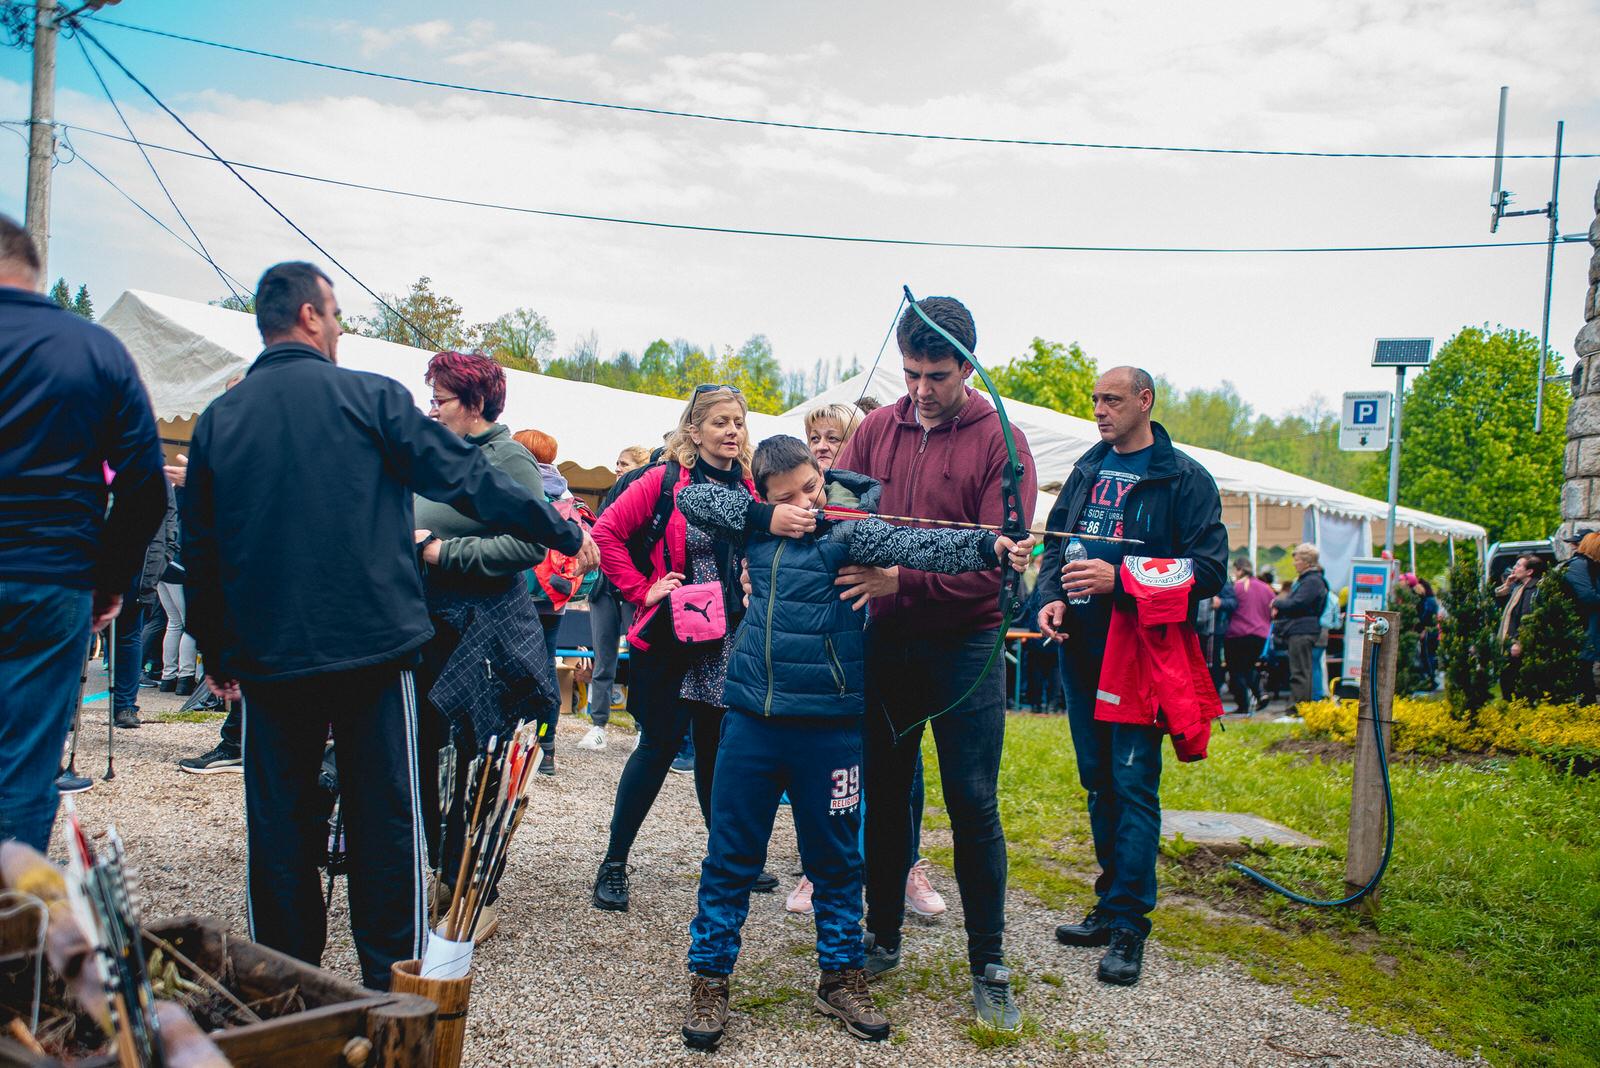 likaclub_slunj_rastoke_5-festival-nordijskog-hodanja_2019-29